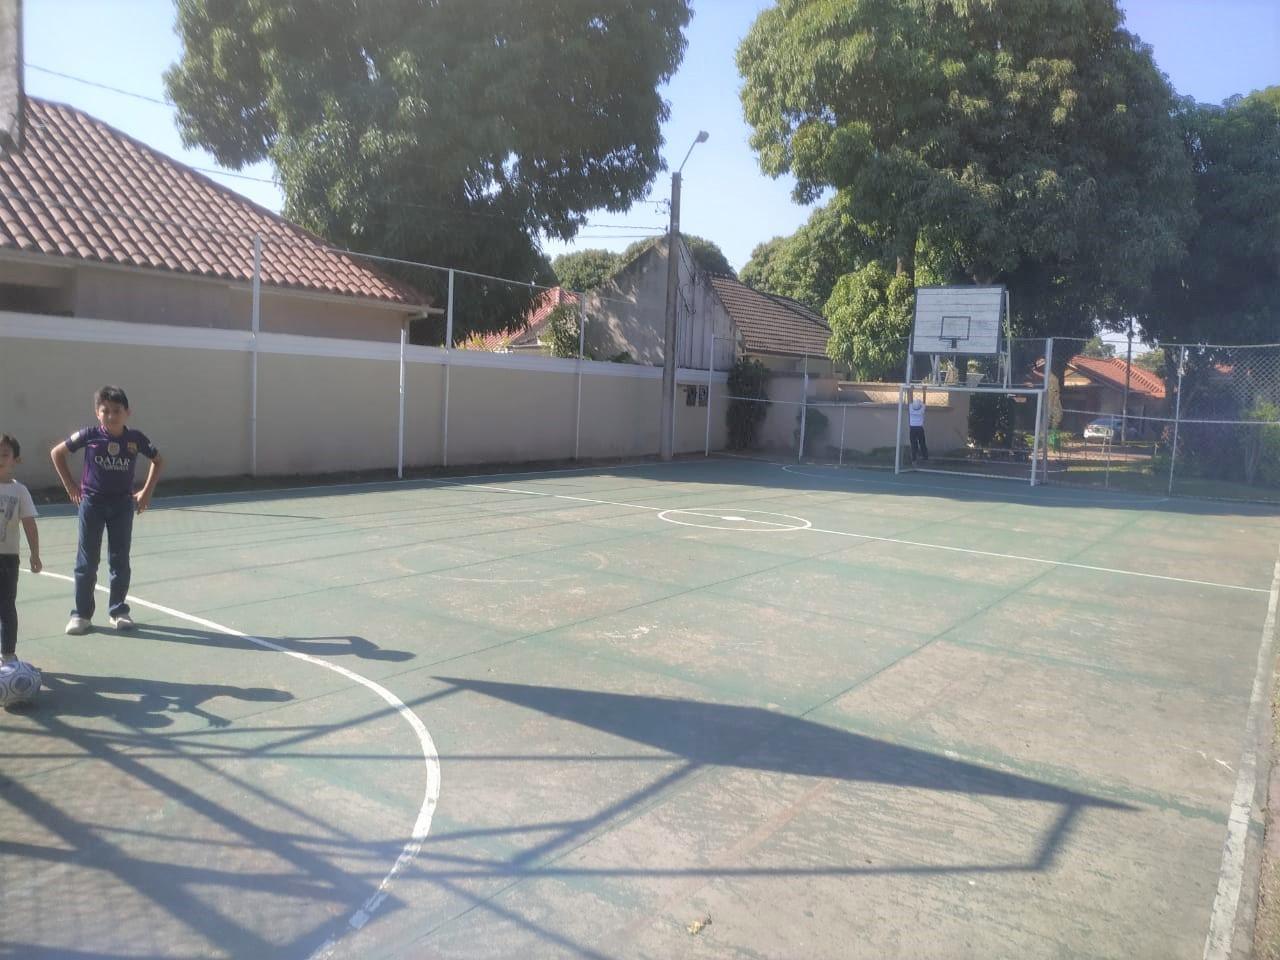 Casa en Alquiler COND LOS BOSQUES ENTRE 4TO  Y 5TO ANILLO RADIAL 26, CASA EN ALQUILER Foto 4